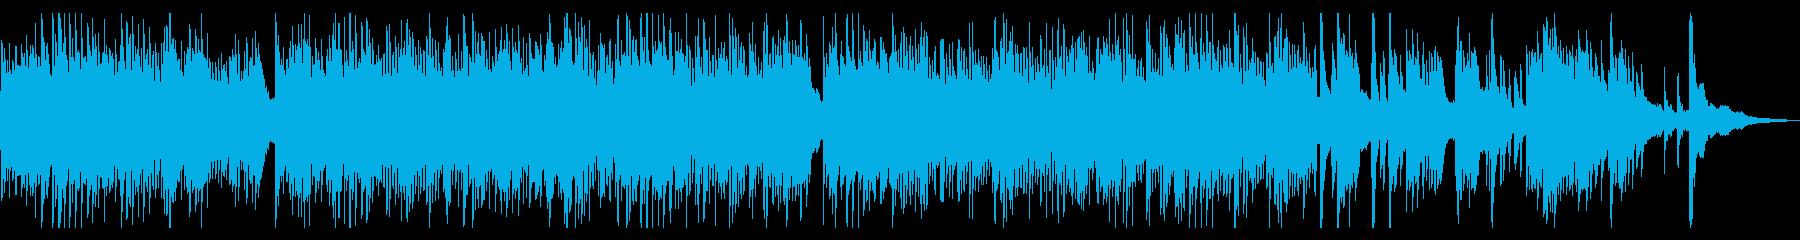 物語・冒頭・メルヘン ソフトピアノソロの再生済みの波形